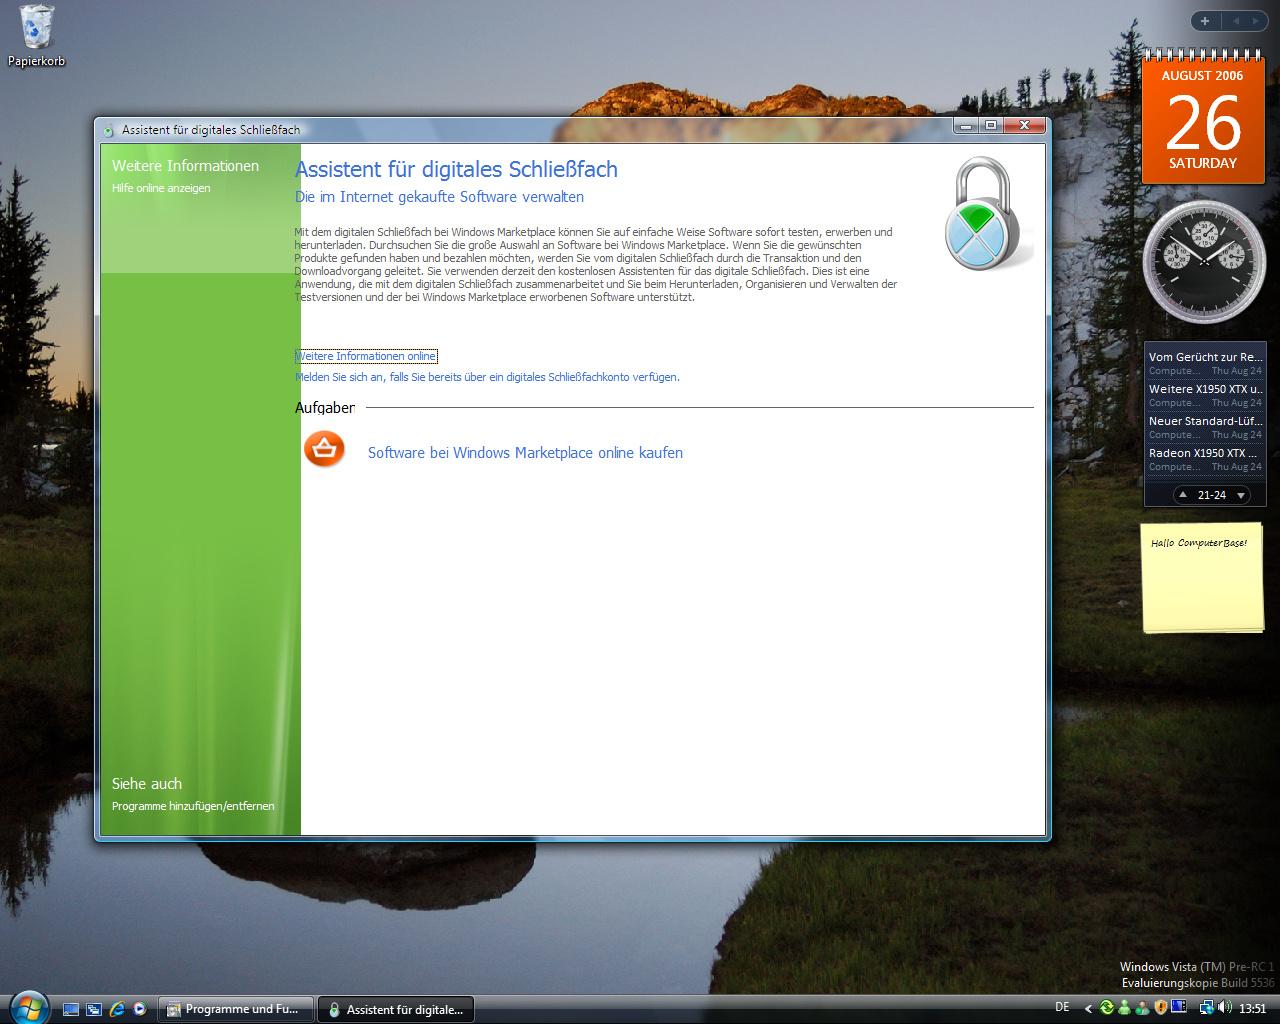 Windows Vista Build 5536 - Schließfach für online gekaufte Software - Hellgrün als Indiz für ein weiters Vista-Skin oder einfach nur veraltet?